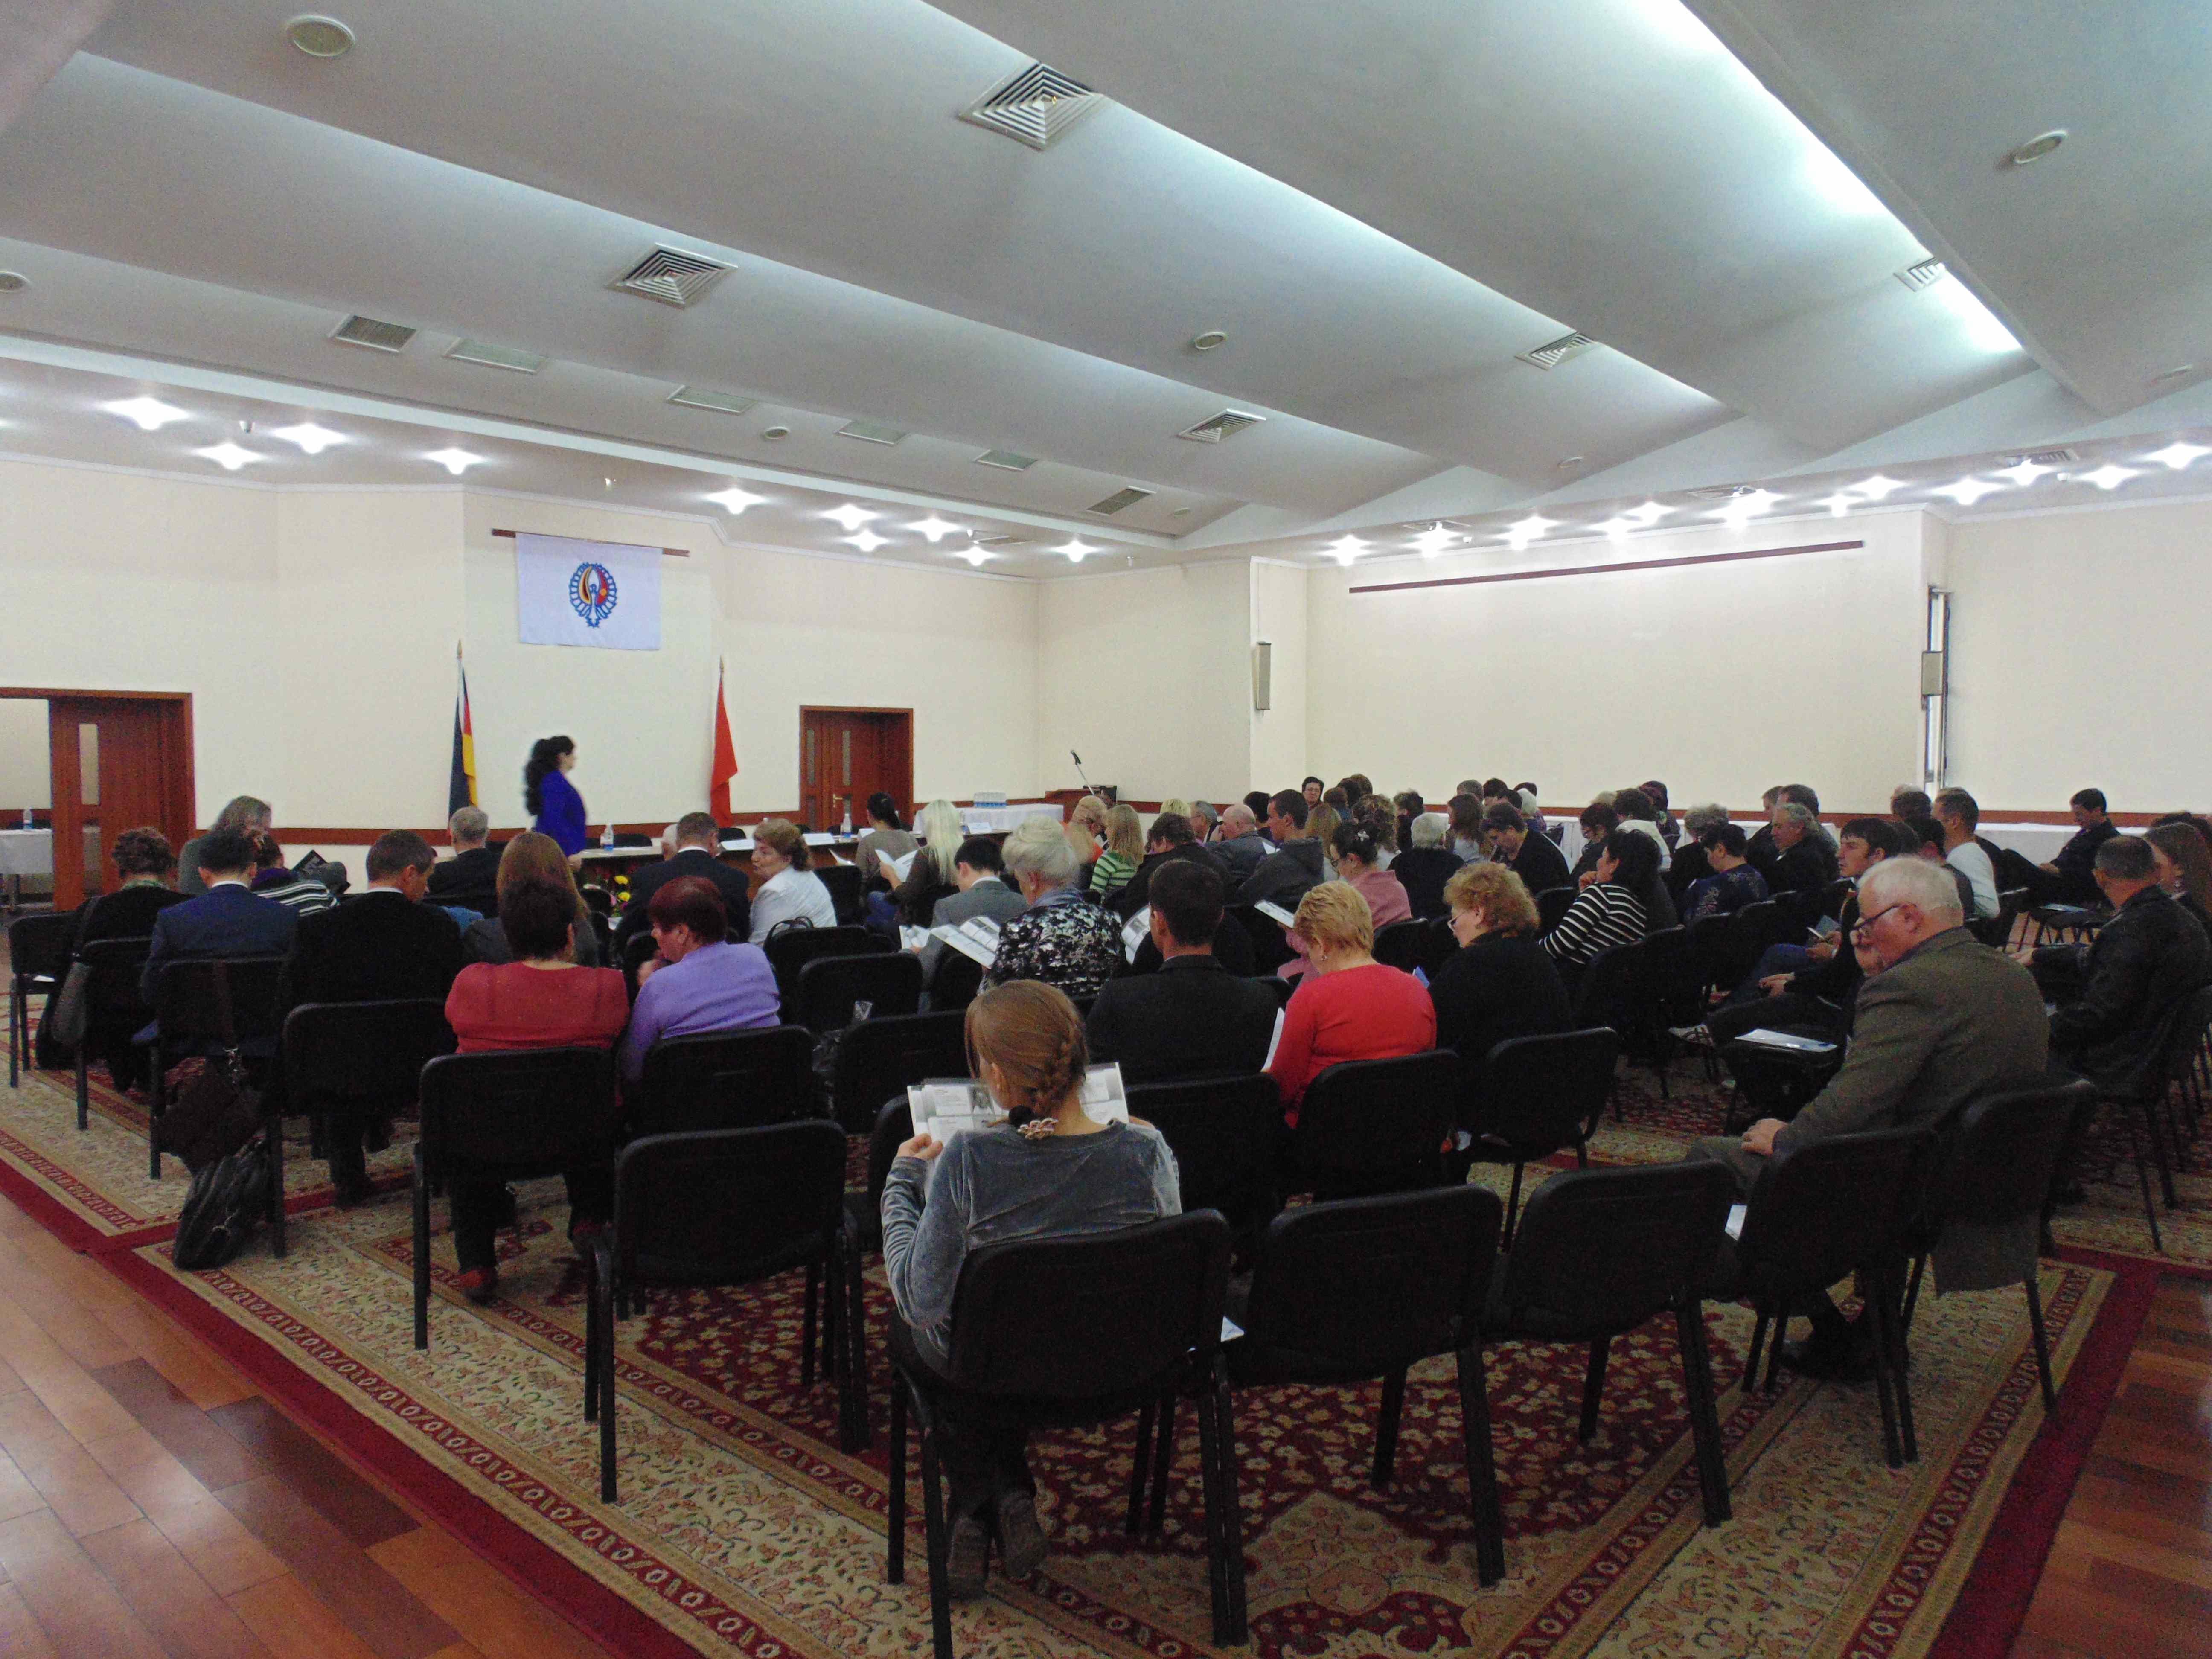 Lors du 10e congrès des Allemands du Kirghizstan, le 20 mars 2014 à Bichkek. Crédit : Aman Jumabaev